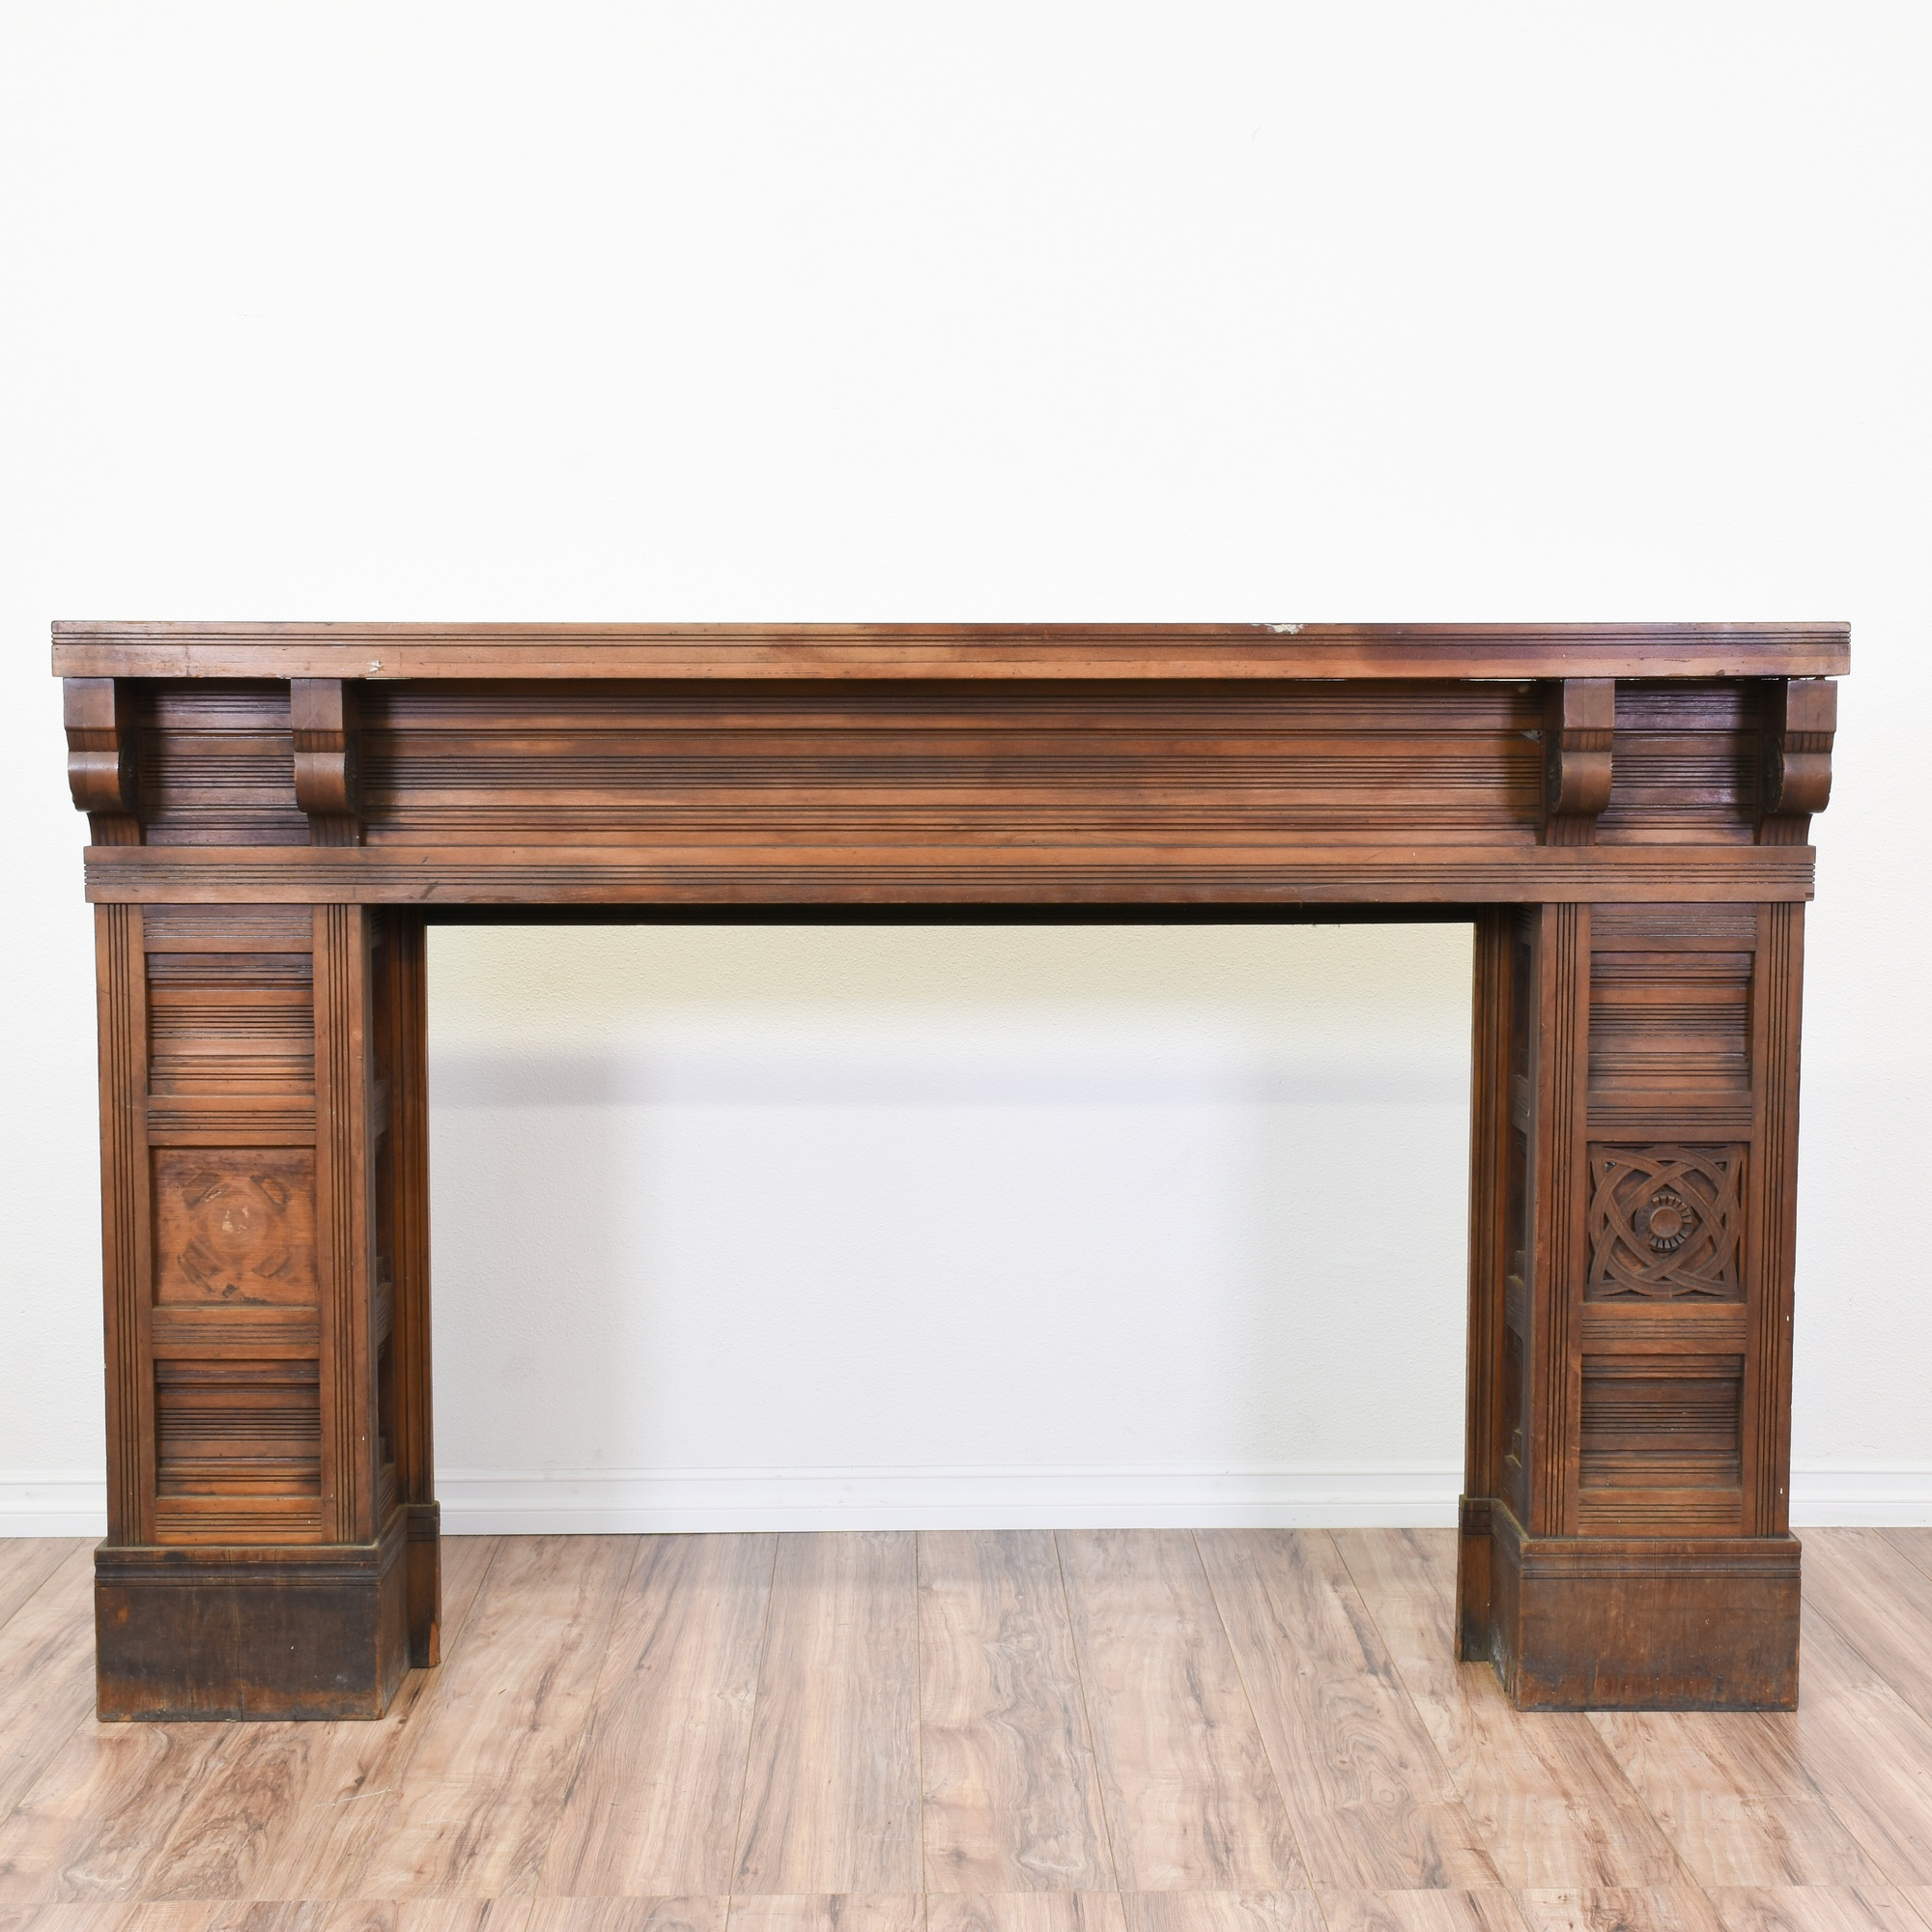 antique eastlake carved wood fireplace mantel loveseat vintage